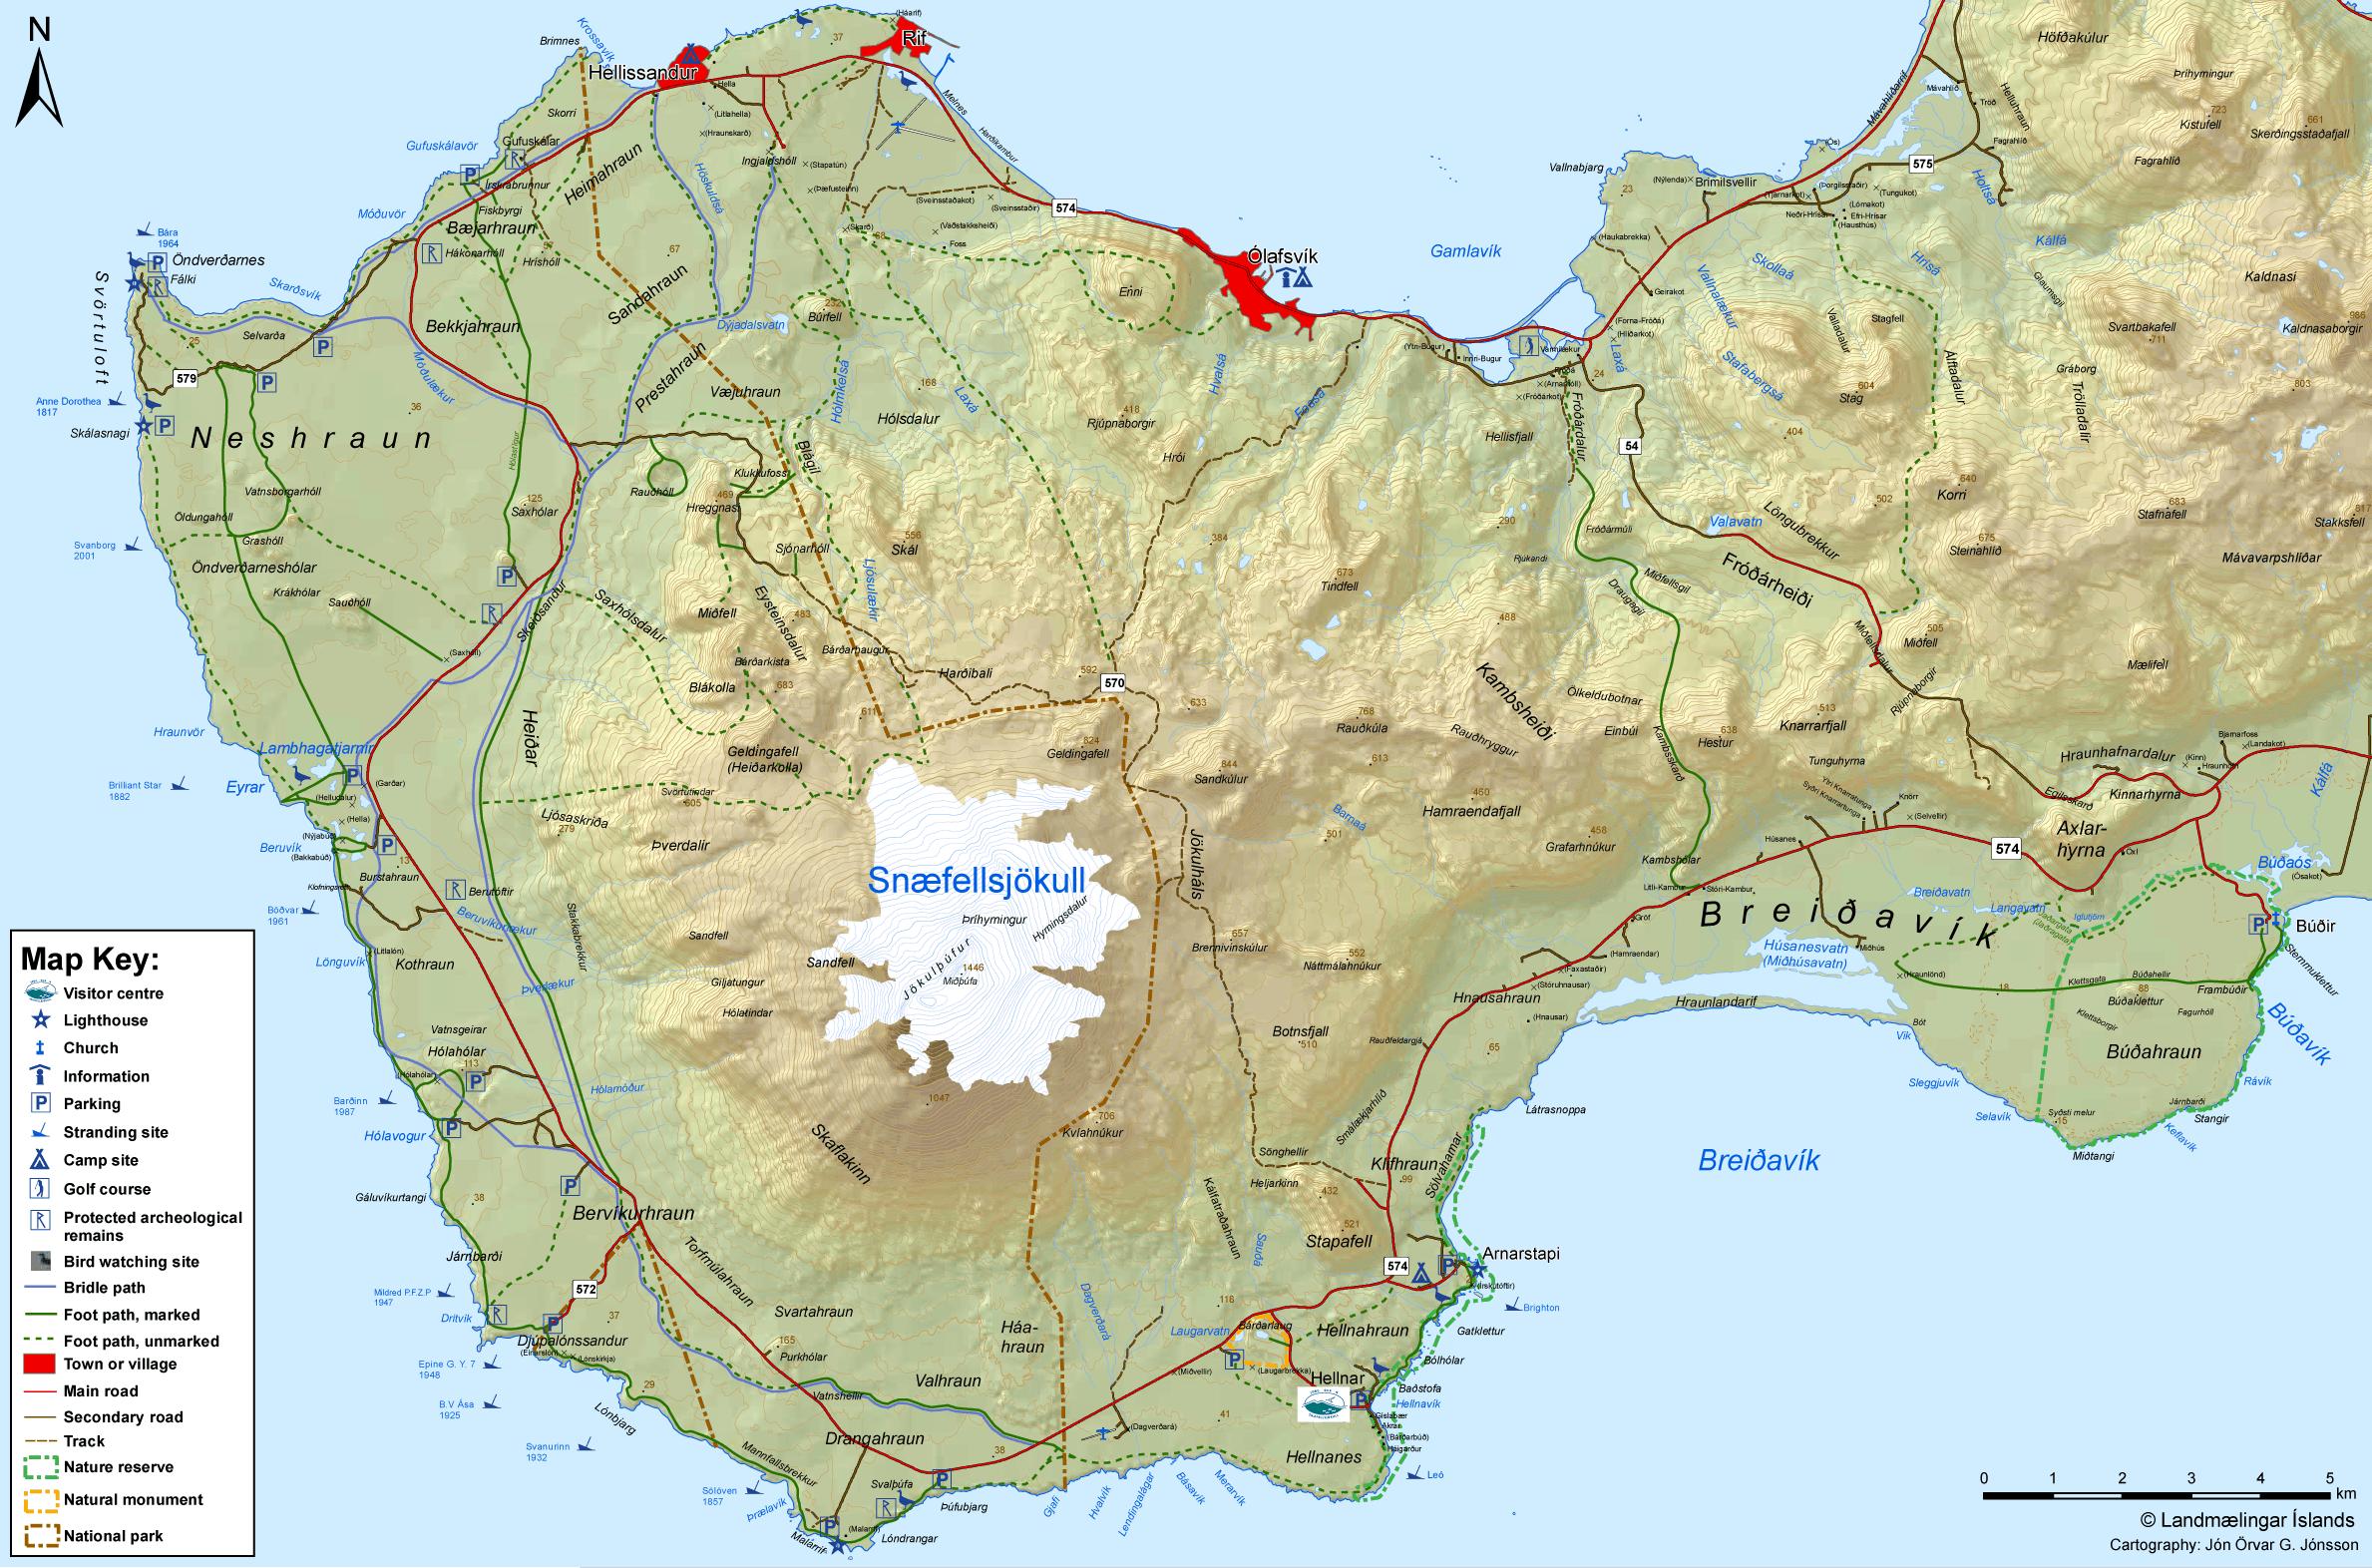 mapa Snaefellsjokull cómo llegar península Snaefellsnes Parque nacional Snaefellsjokull Snæfellsnes Islandia